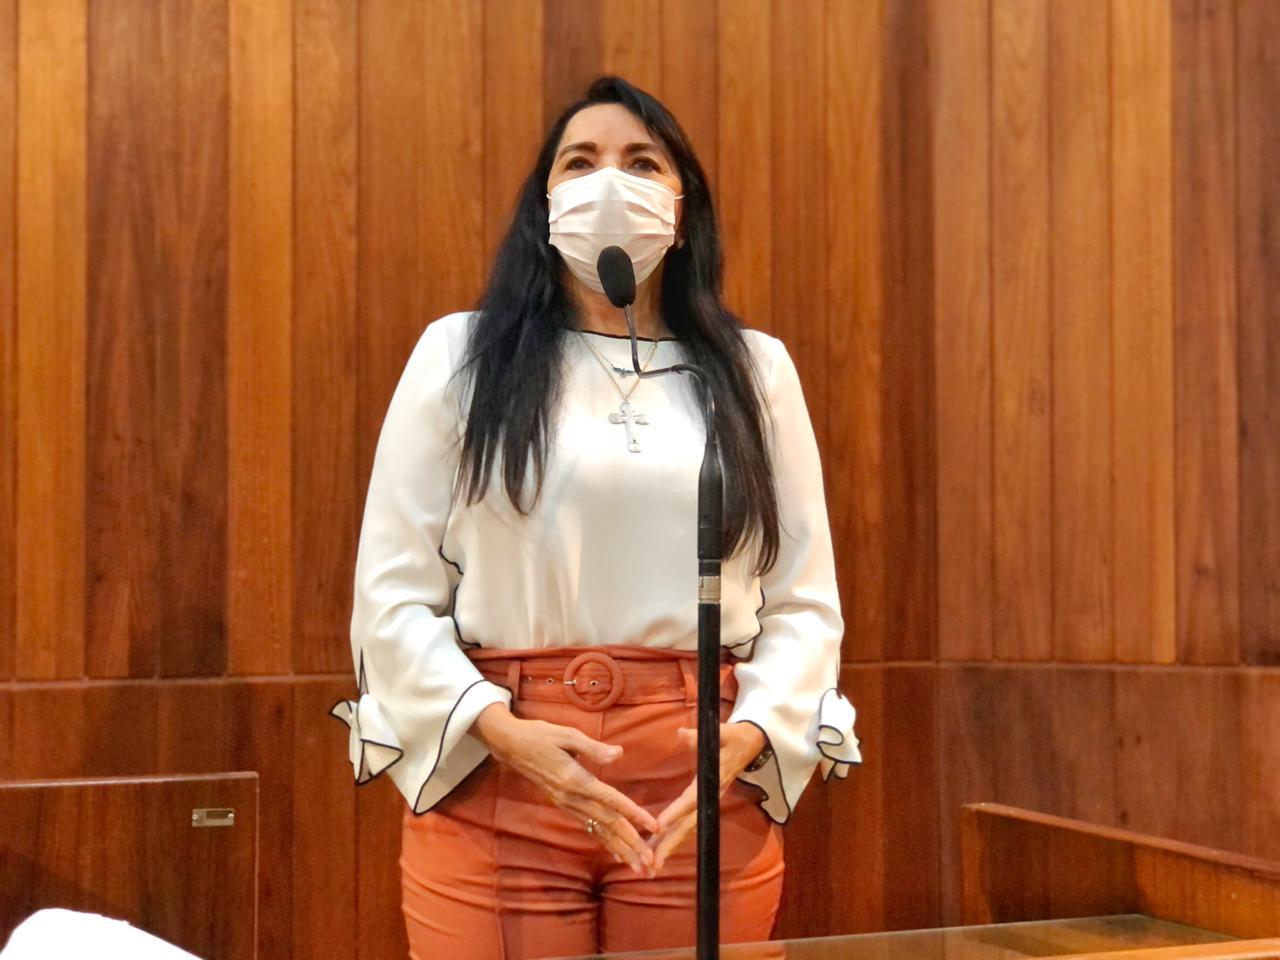 O objetivo da iniciativa é ajudar no reflorestamento e ajudar na conscientização ambiental da população - Foto: Ascom